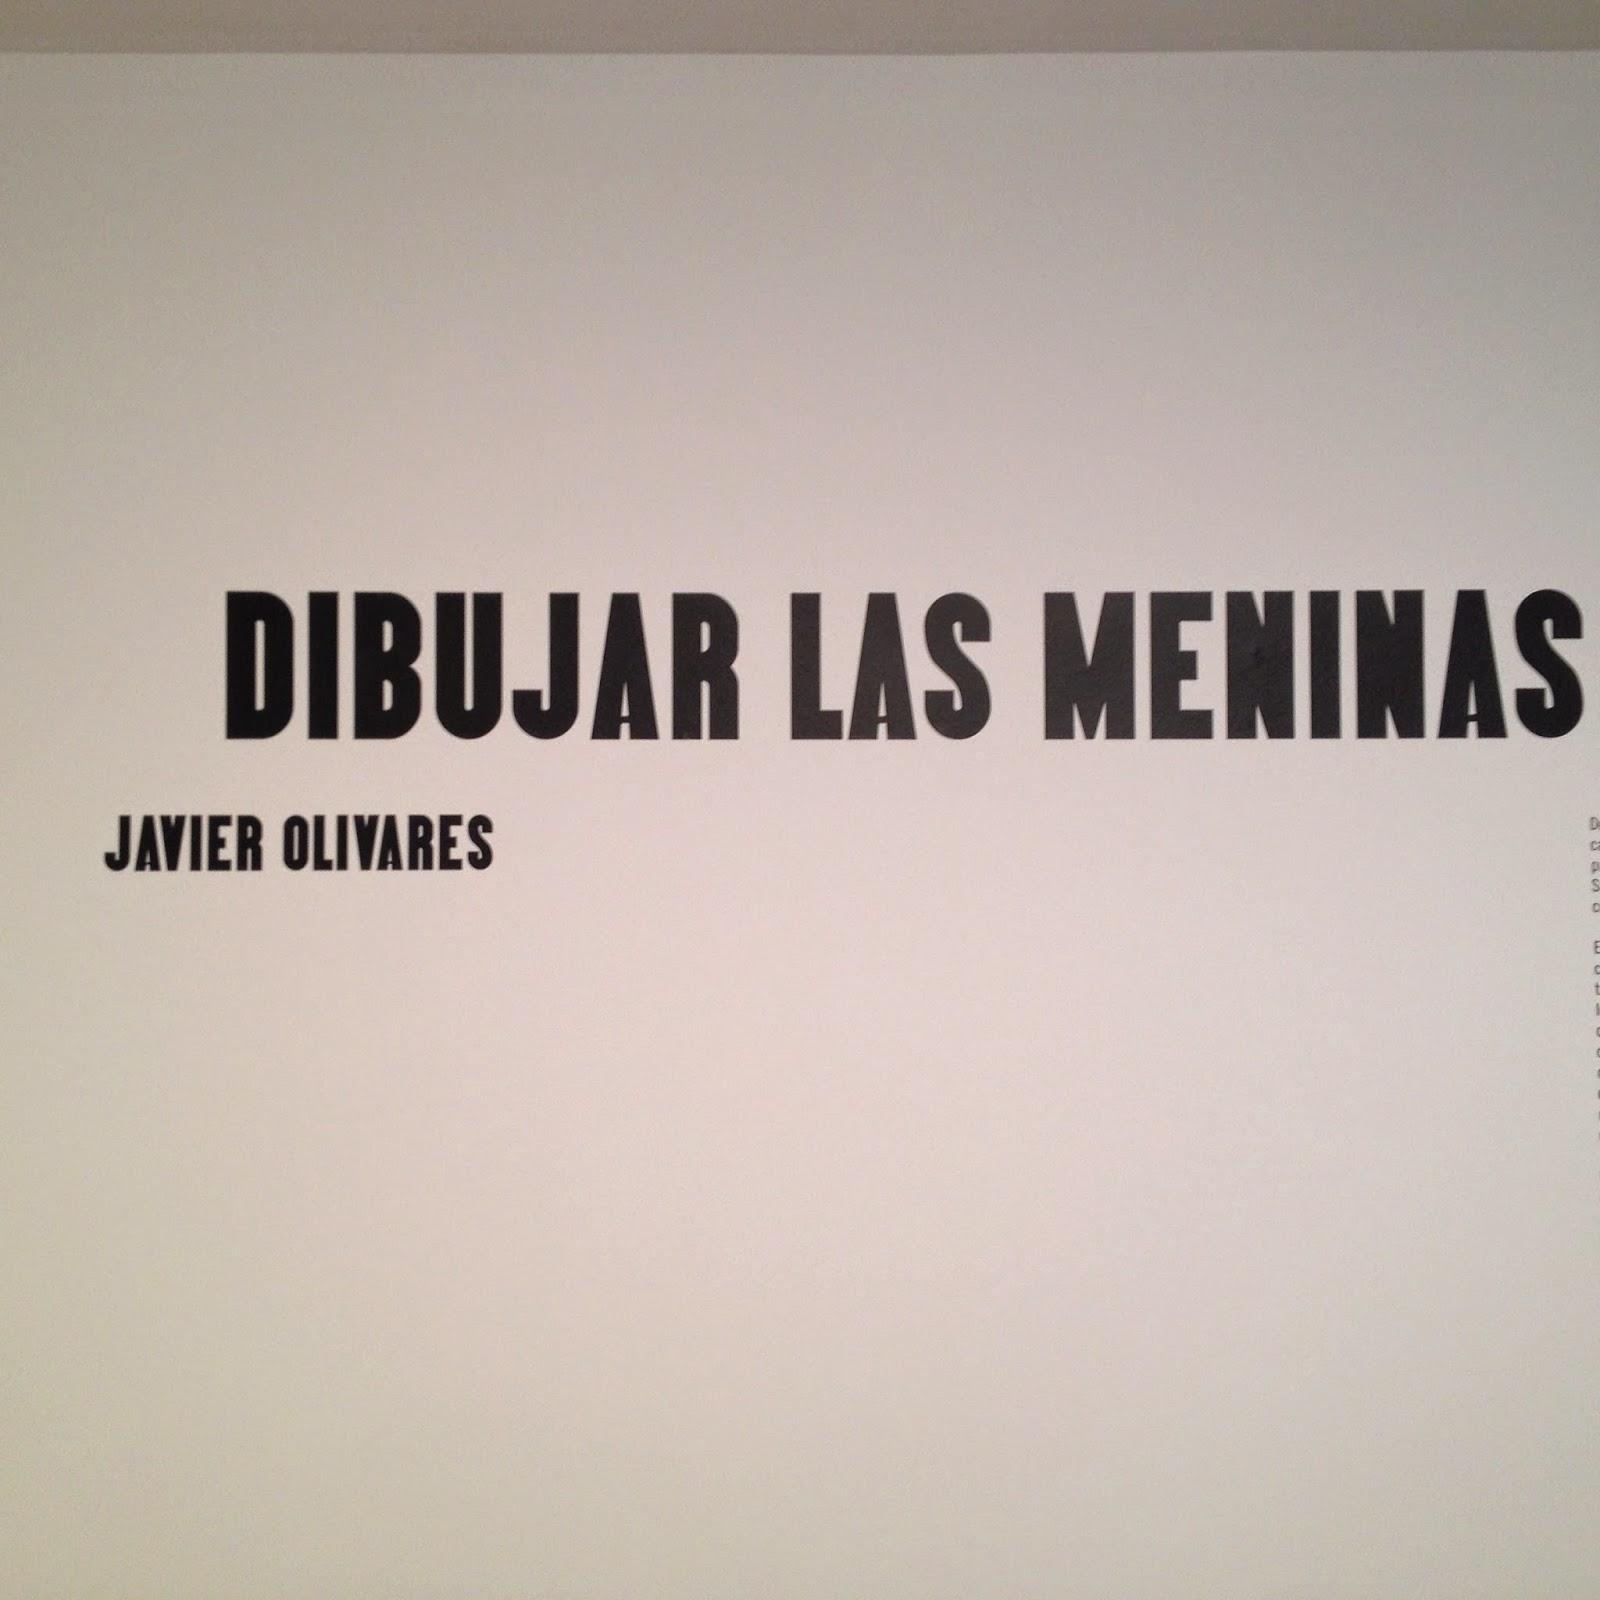 Museo ABC de Dibujo e Ilustración - las meninas